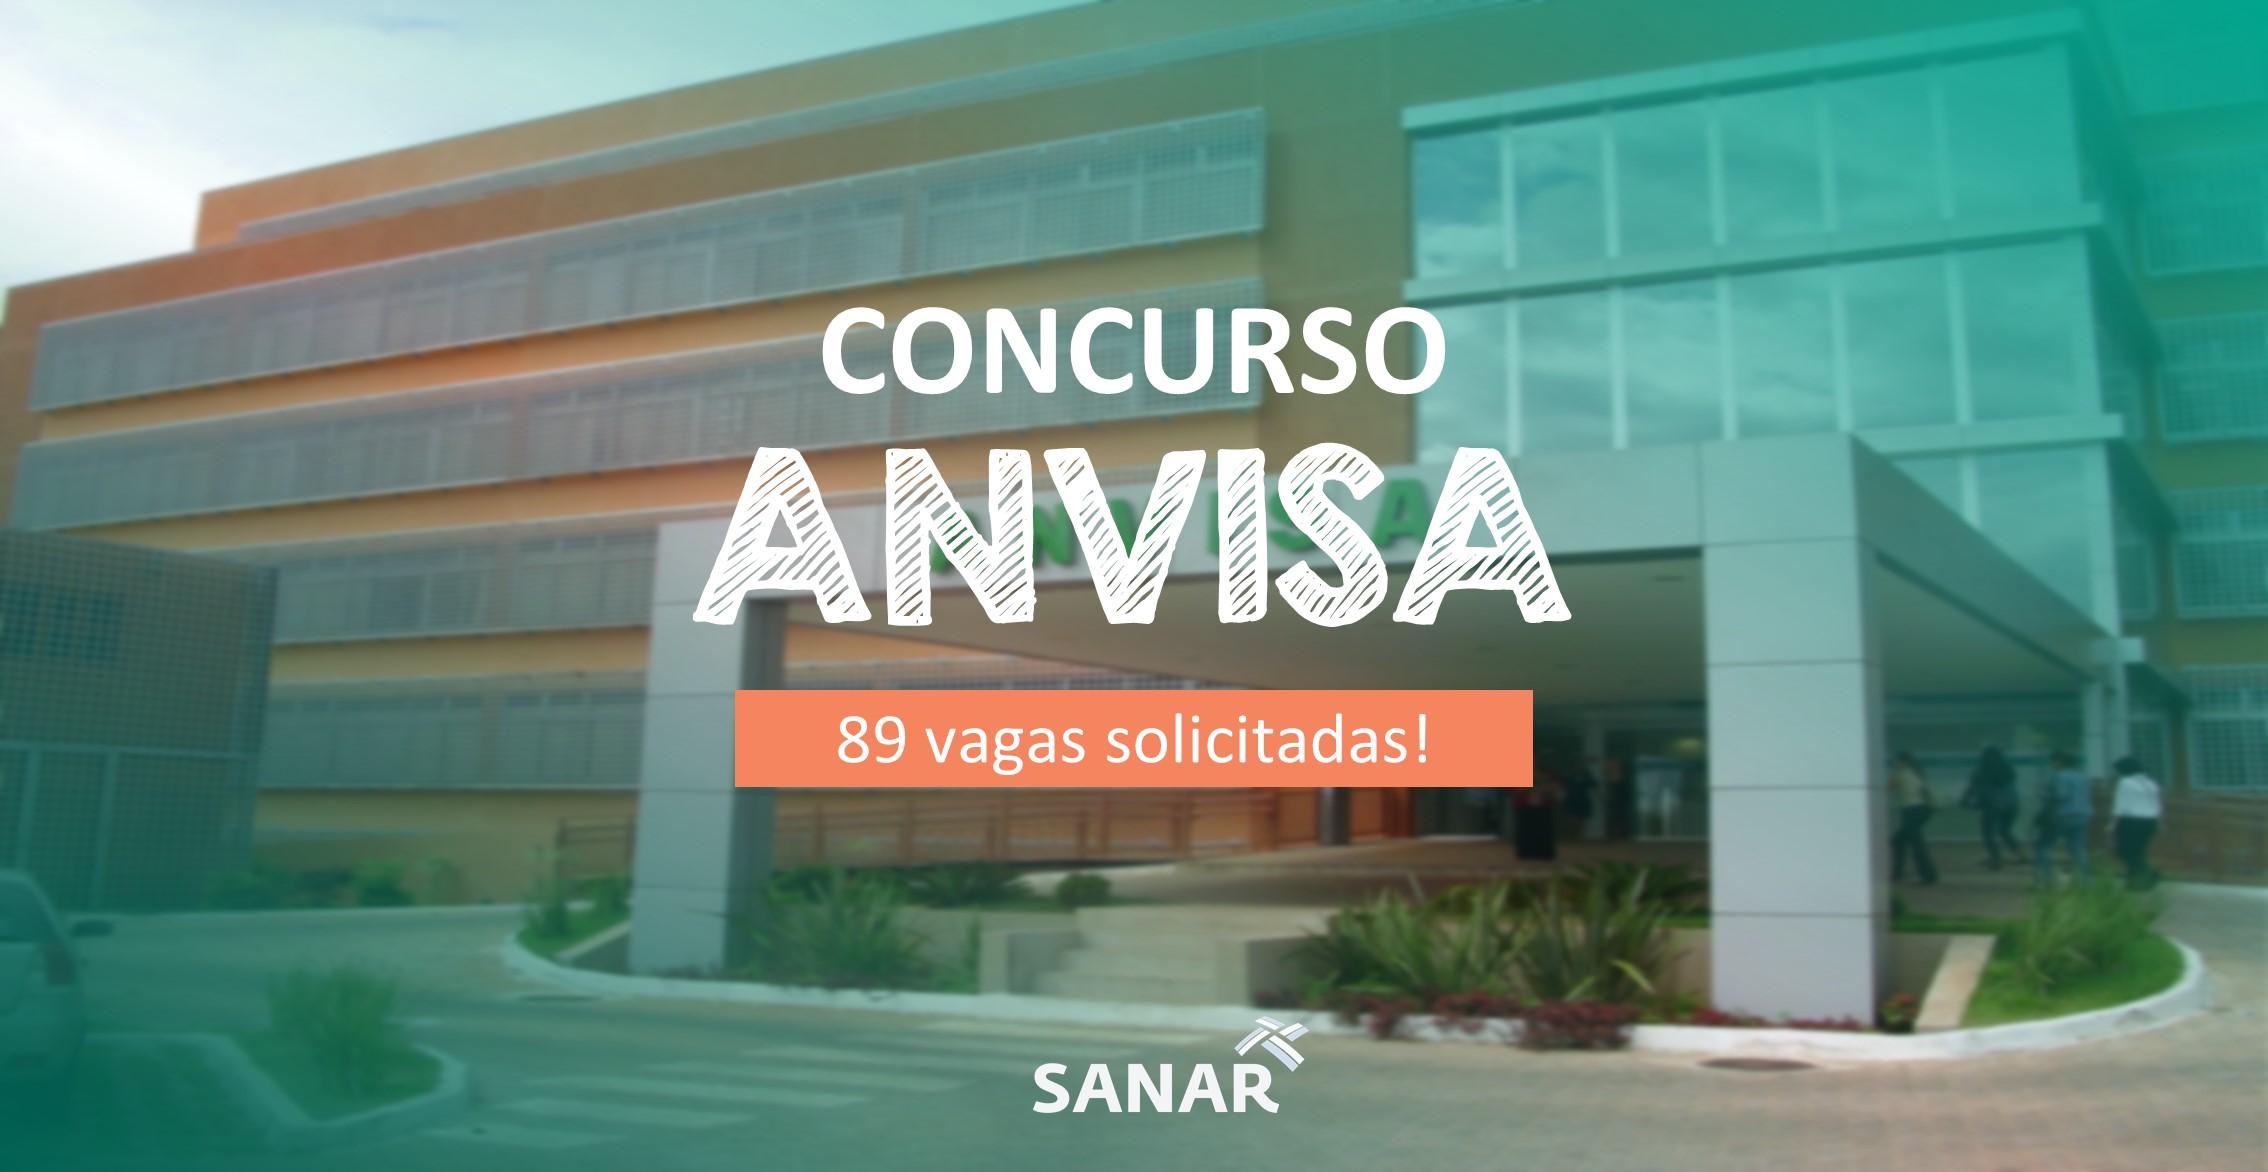 Concurso Anvisa: 89 vagas foram solicitadas pelo órgão!